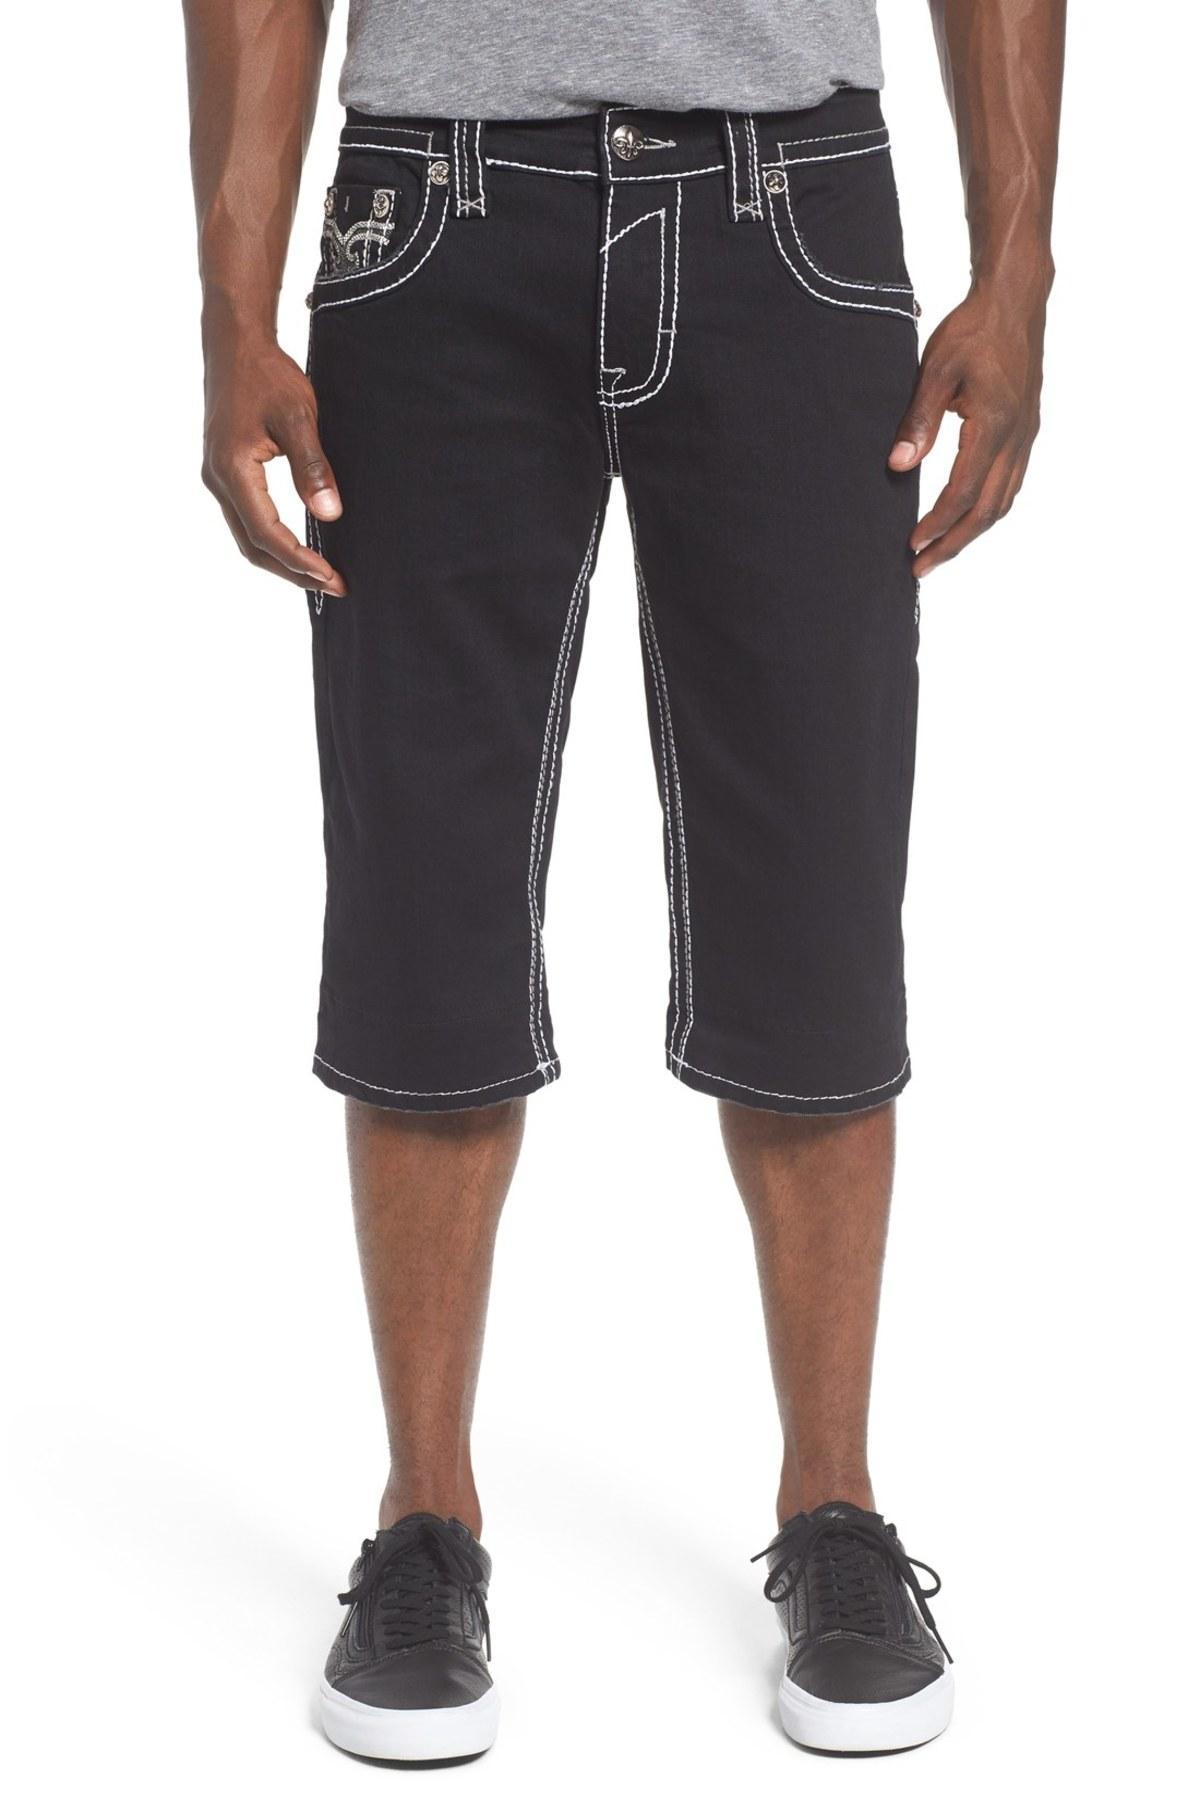 Rock Revival U0026#39;pierreu0026#39; Shorts For Men | Lyst